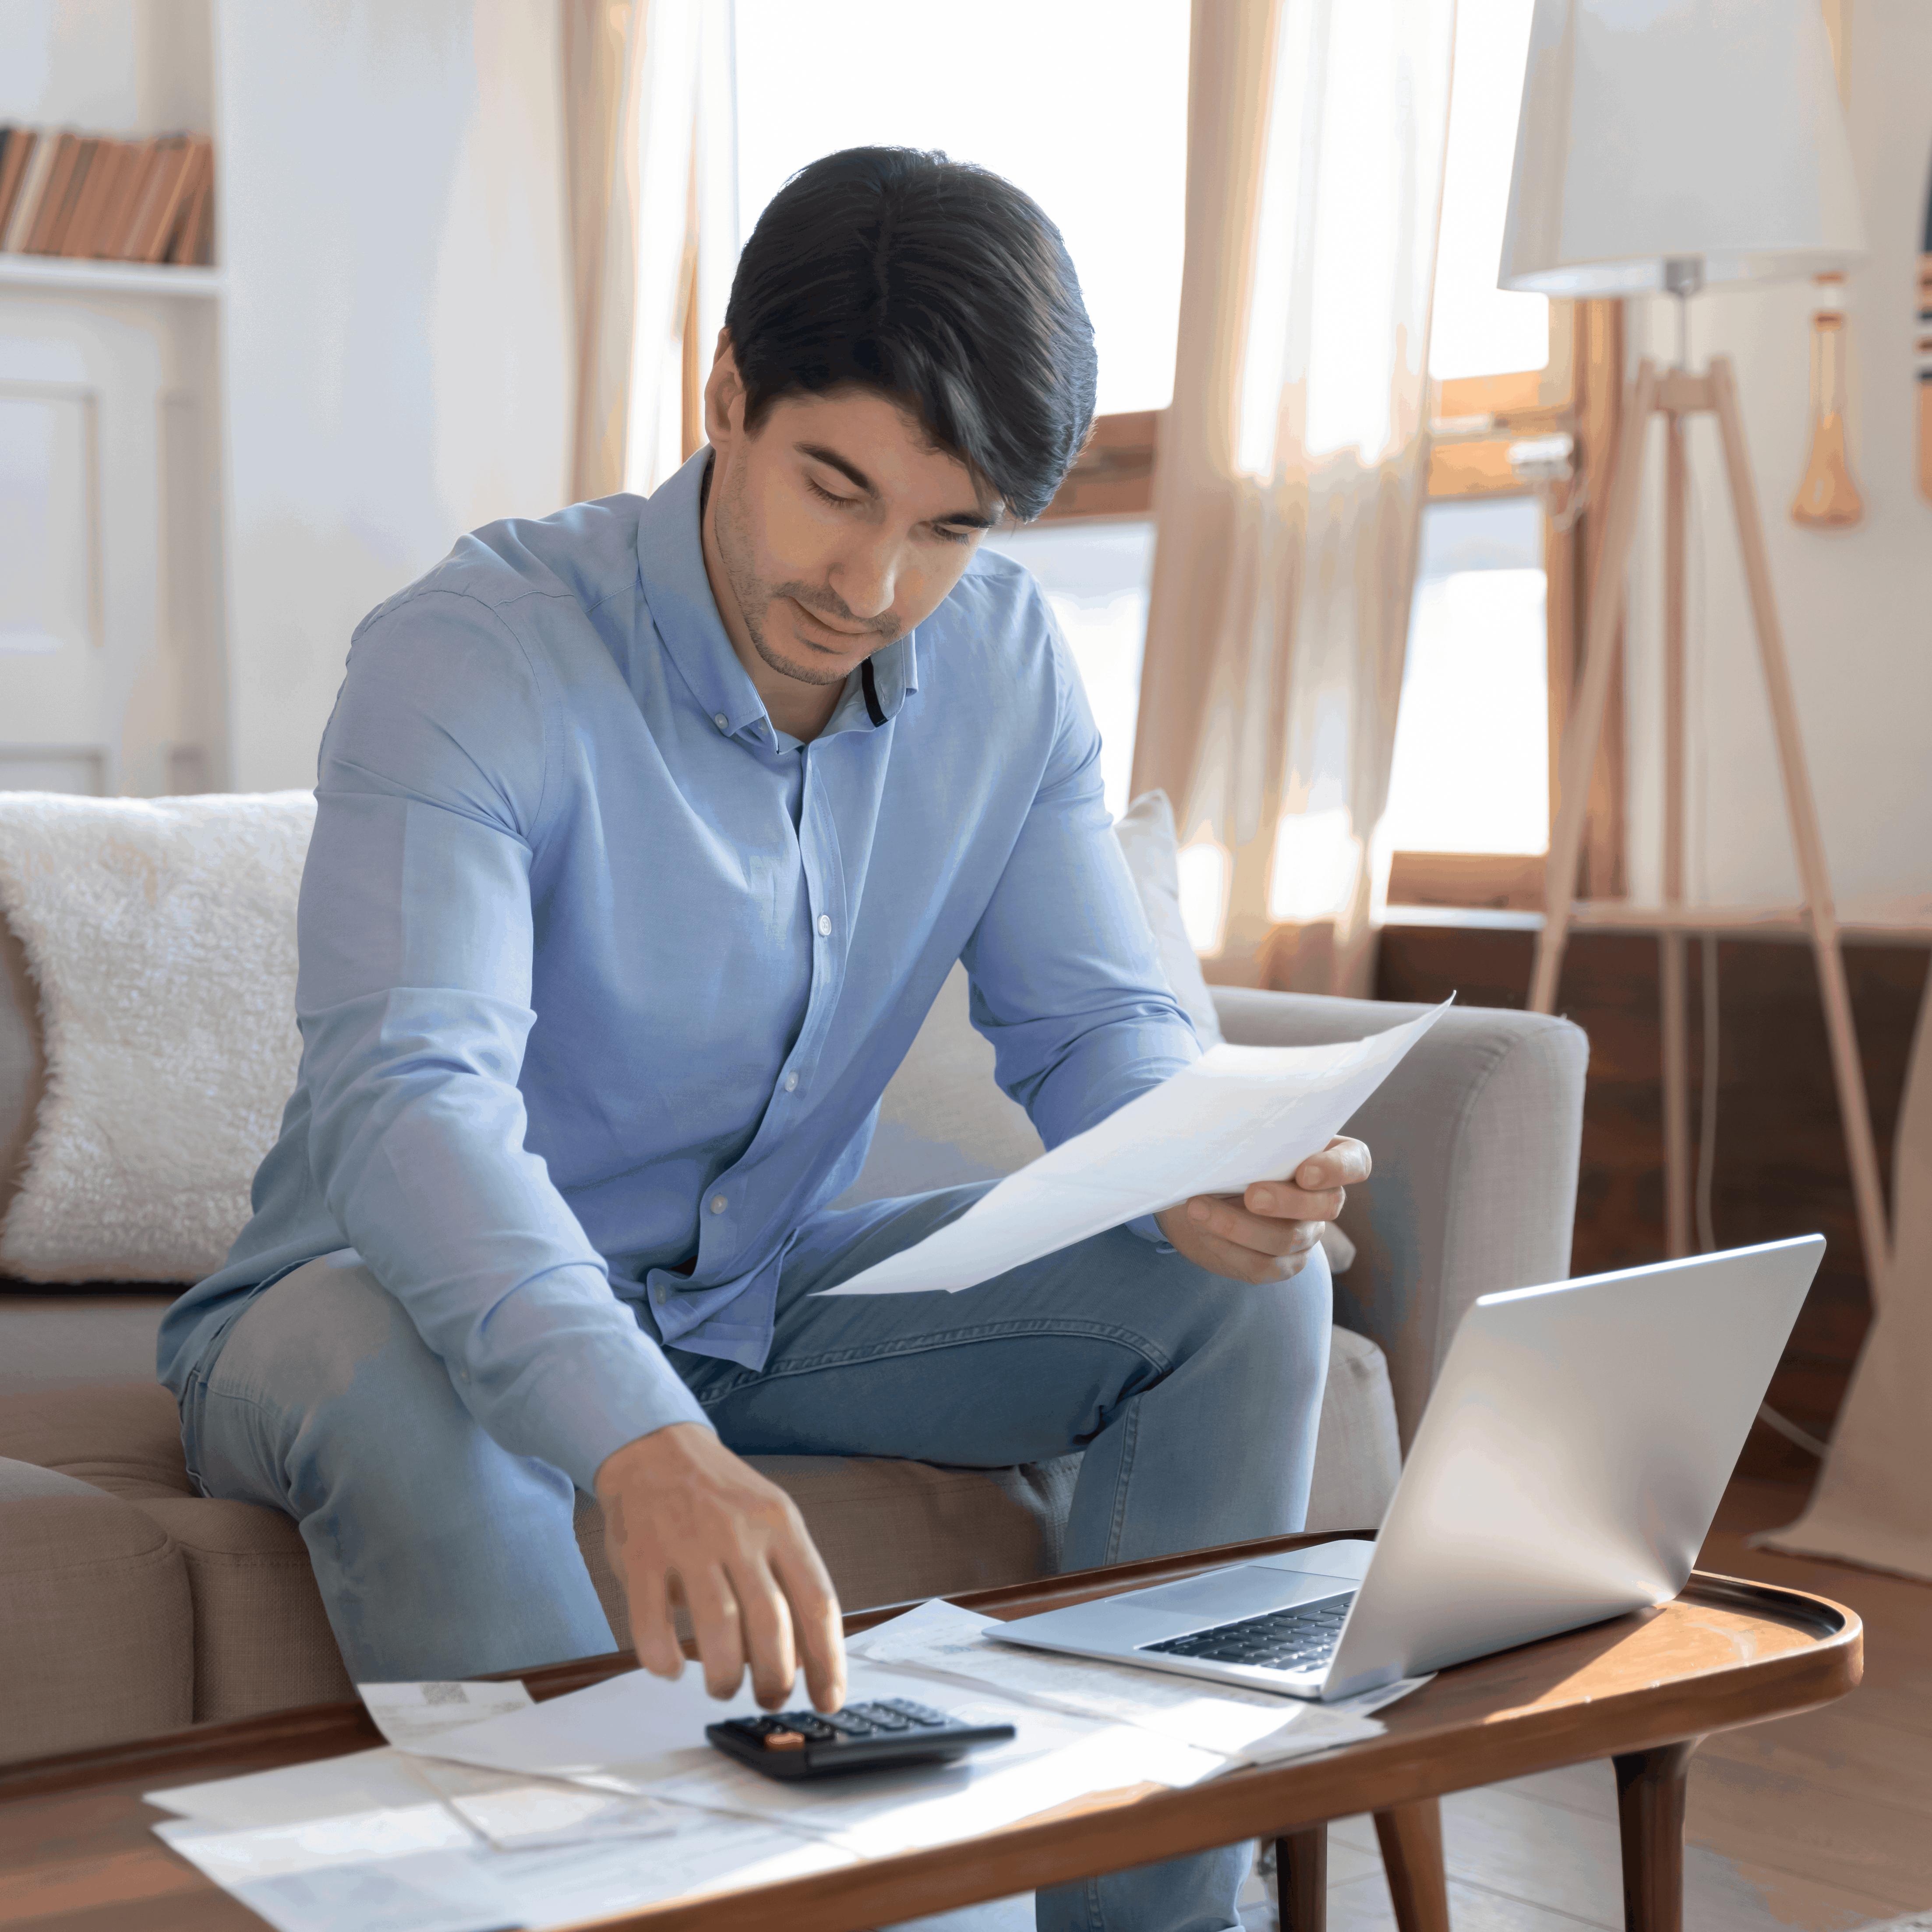 Proceso de cobro de facturas: cómo enfrentar clientes que se niegan a pagar